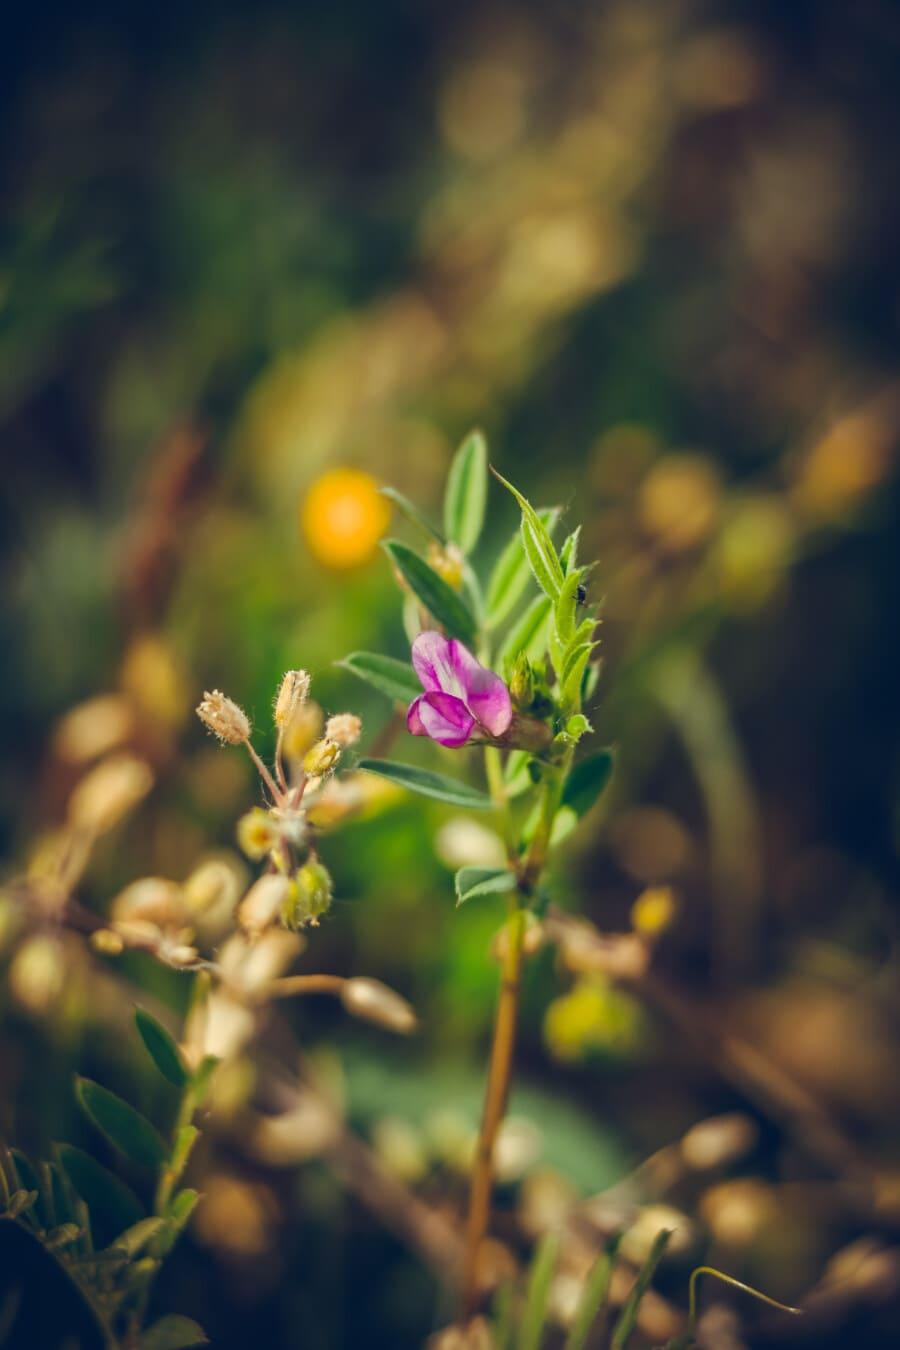 fleurs sauvages, violacé, rosâtre, pétales, feuille, fleur, printemps, plante, nature, à l'extérieur